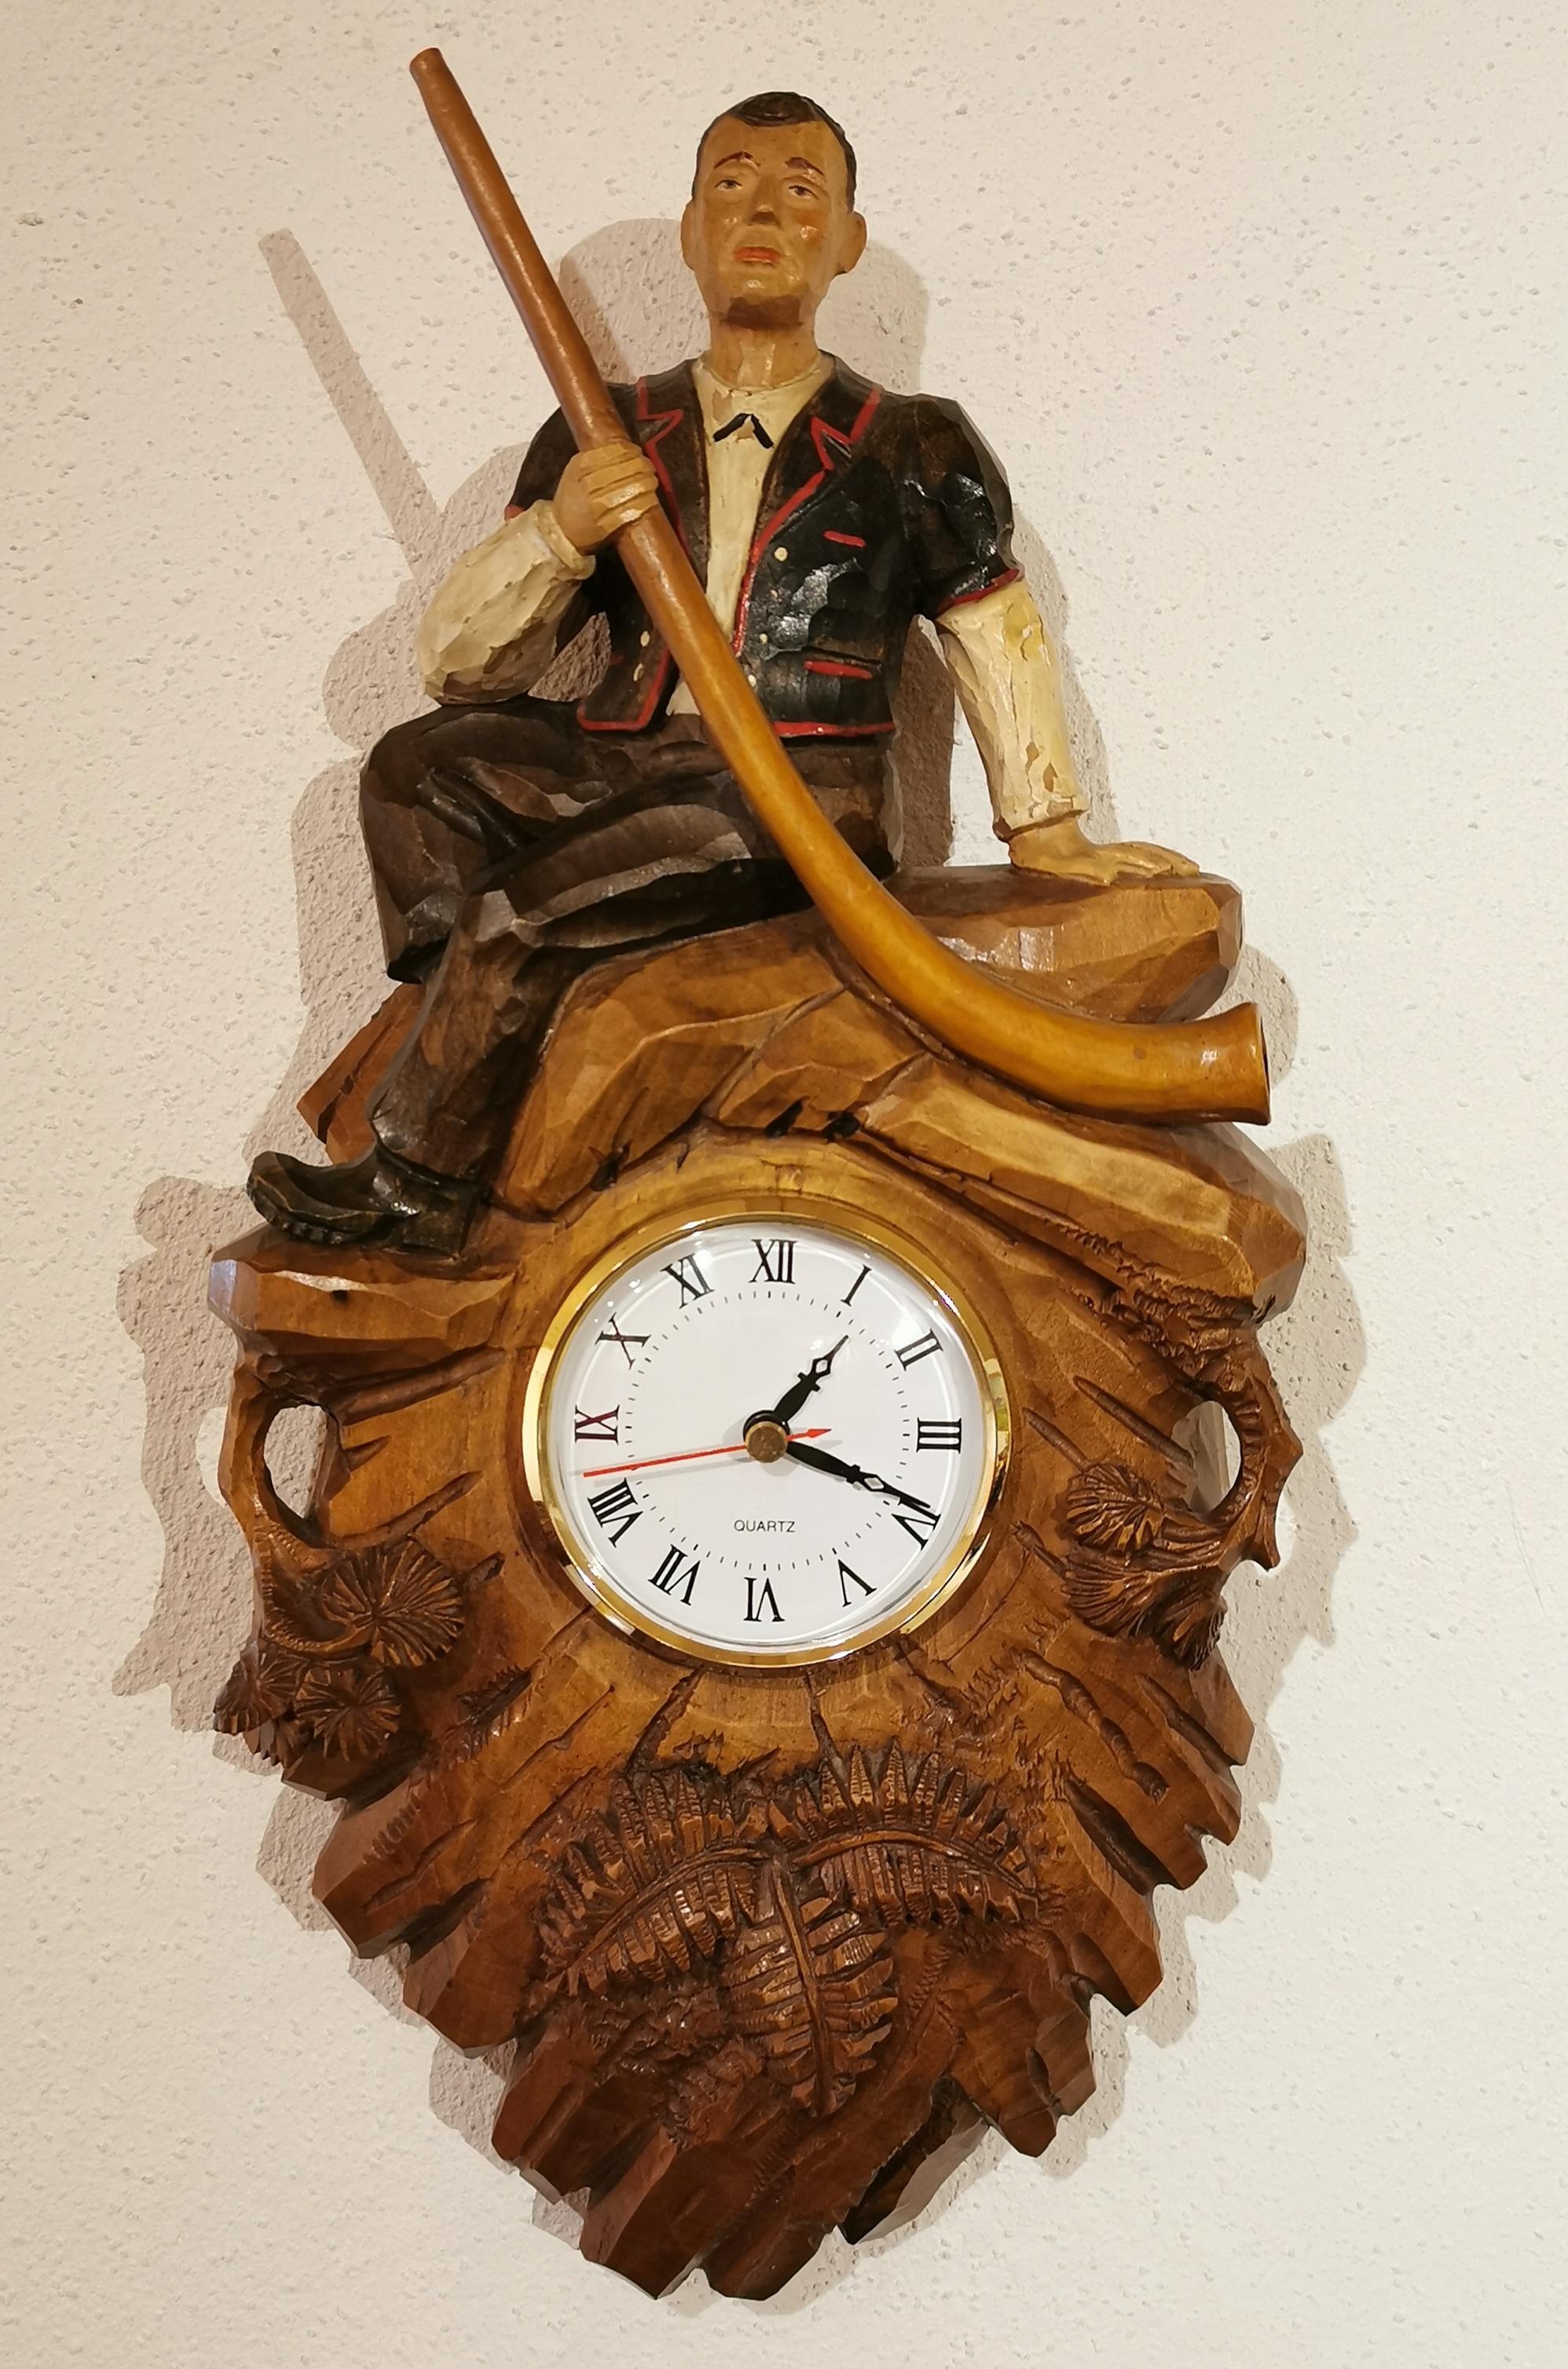 Horloge peinte de Brienz éléctrifiée